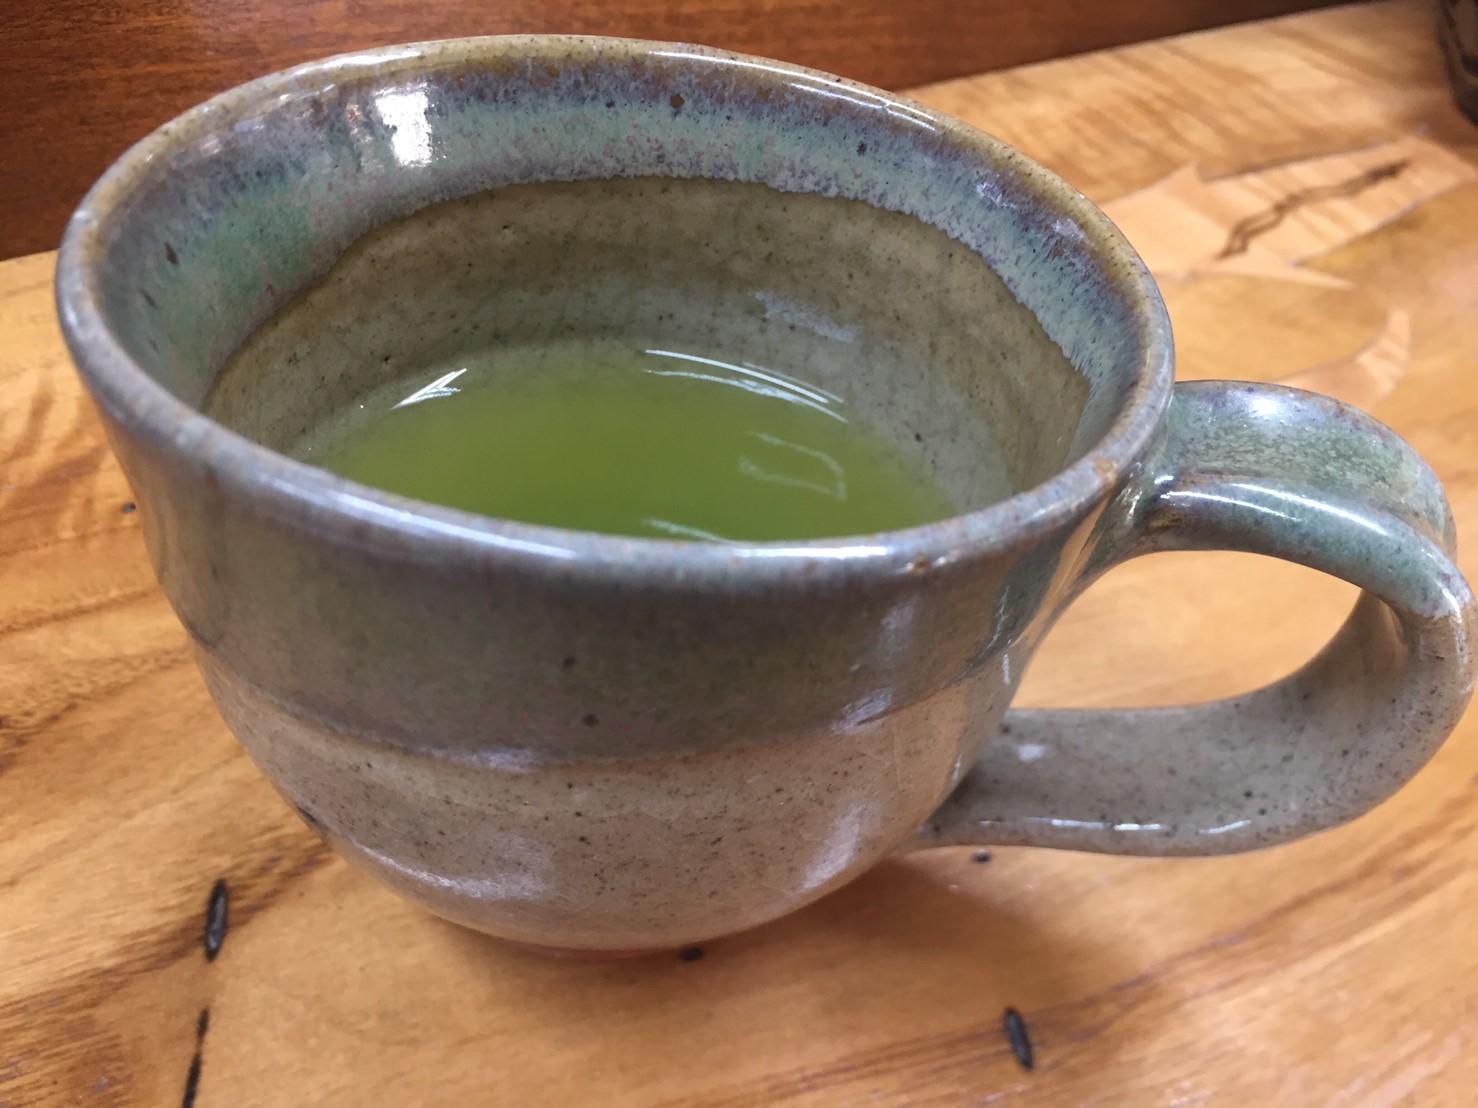 喫茶フォルダー 10_e0115904_15185822.jpg